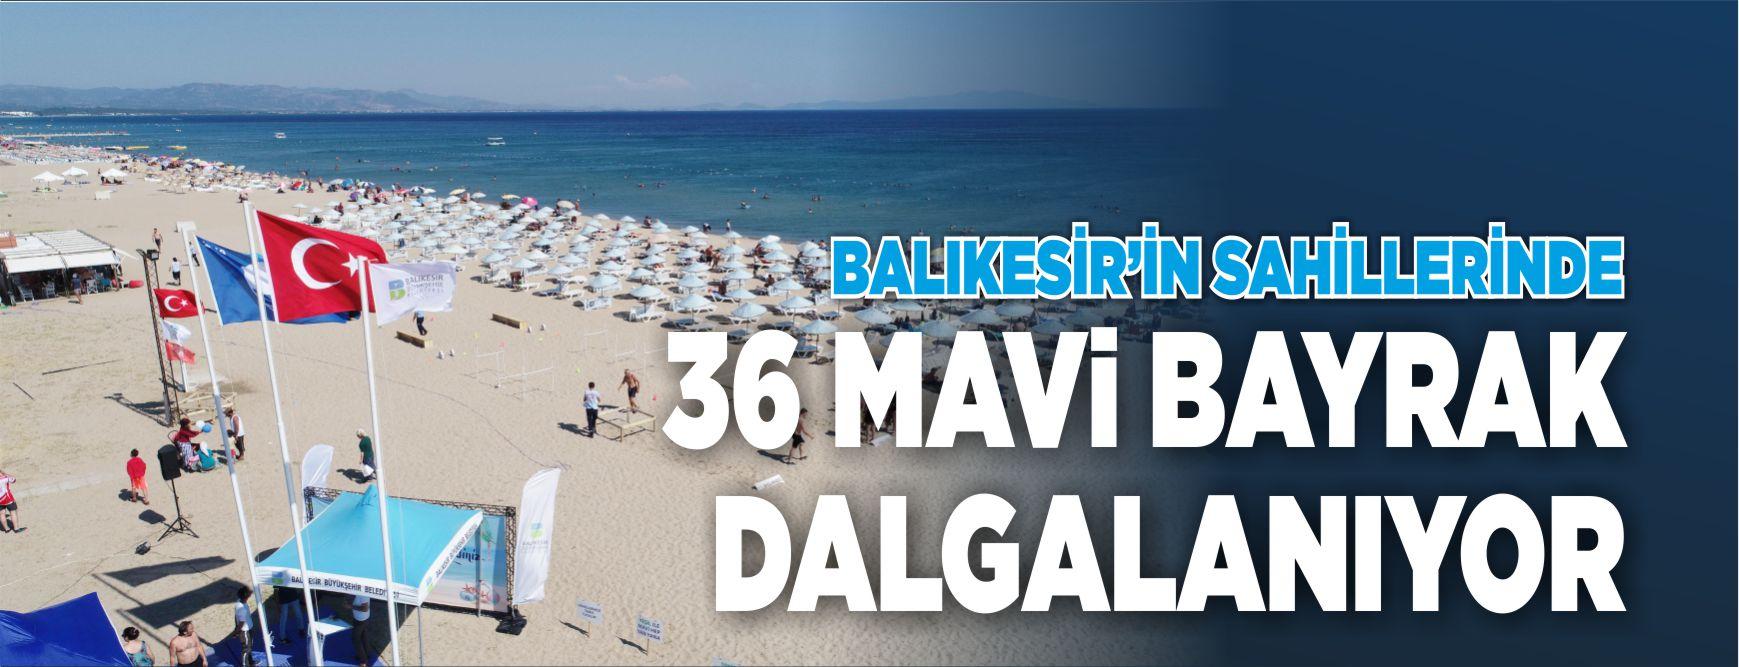 BALIKESİR'İN SAHİLLERİNDE 36 MAVİ BAYRAK DALGALANIYOR